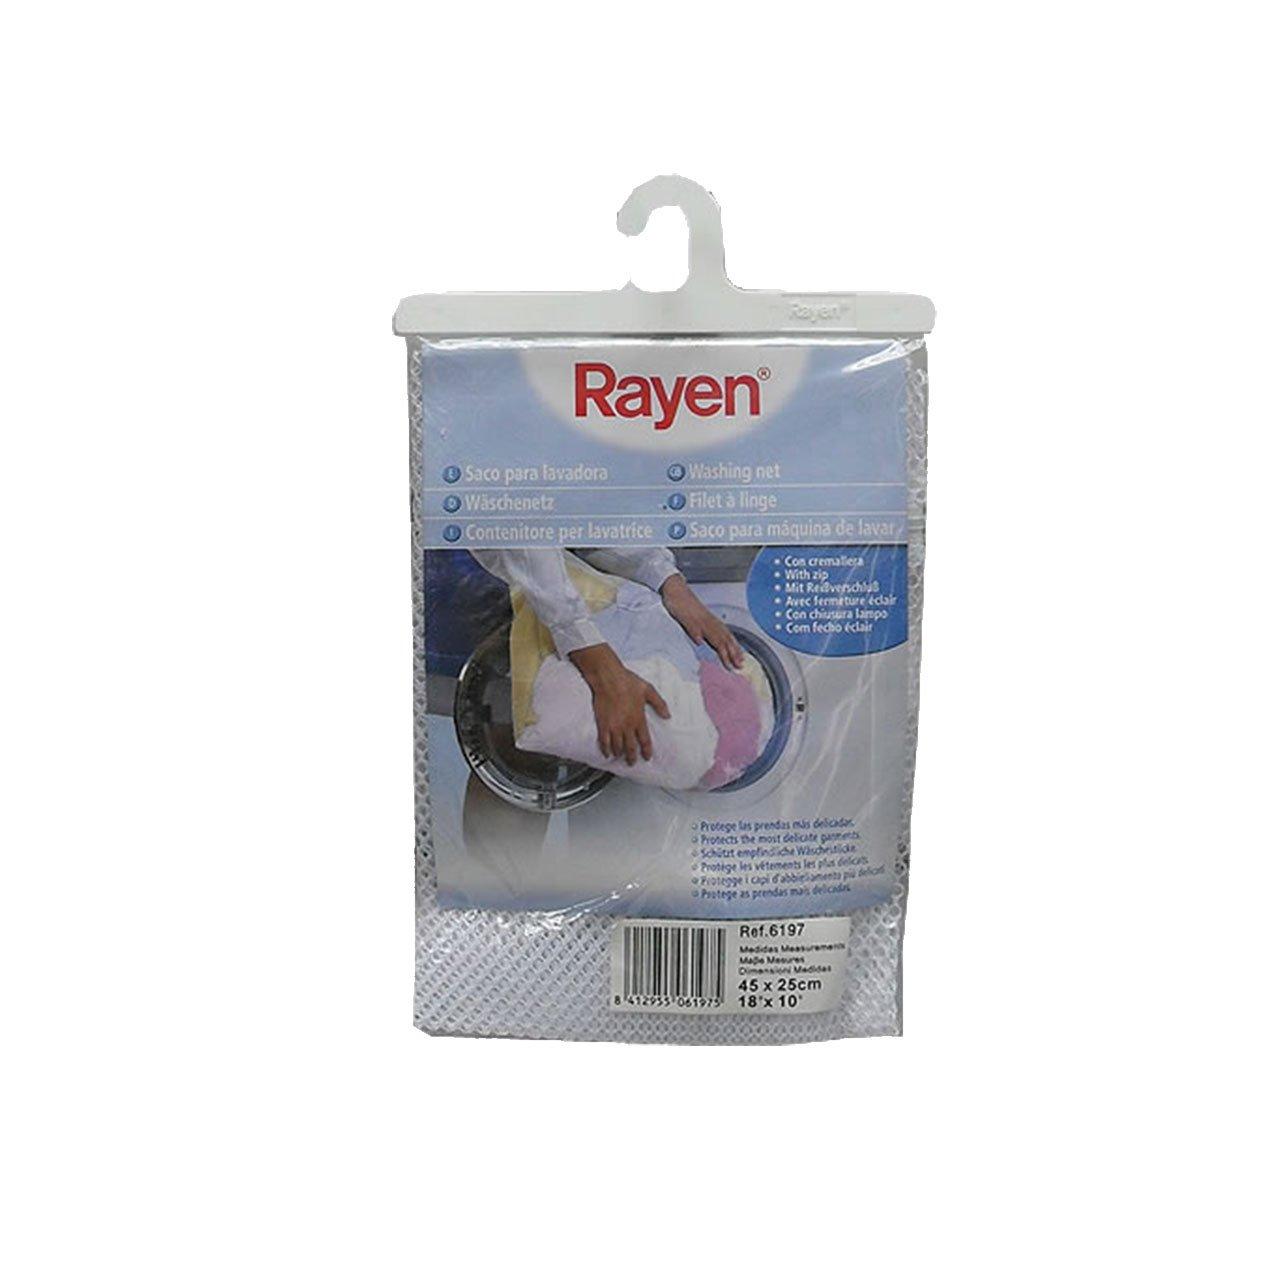 Rayen 6197.50 - Saco para lavadora, 45 x 25 cm, color blanco ...